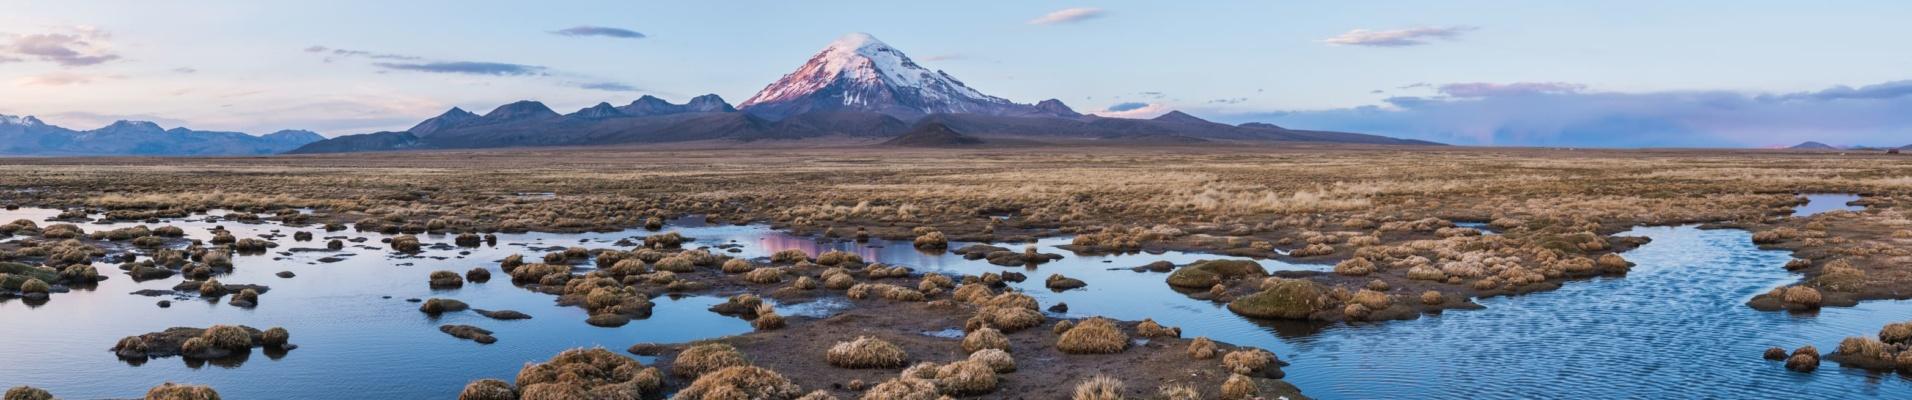 Volcan Sajama en Bolivie